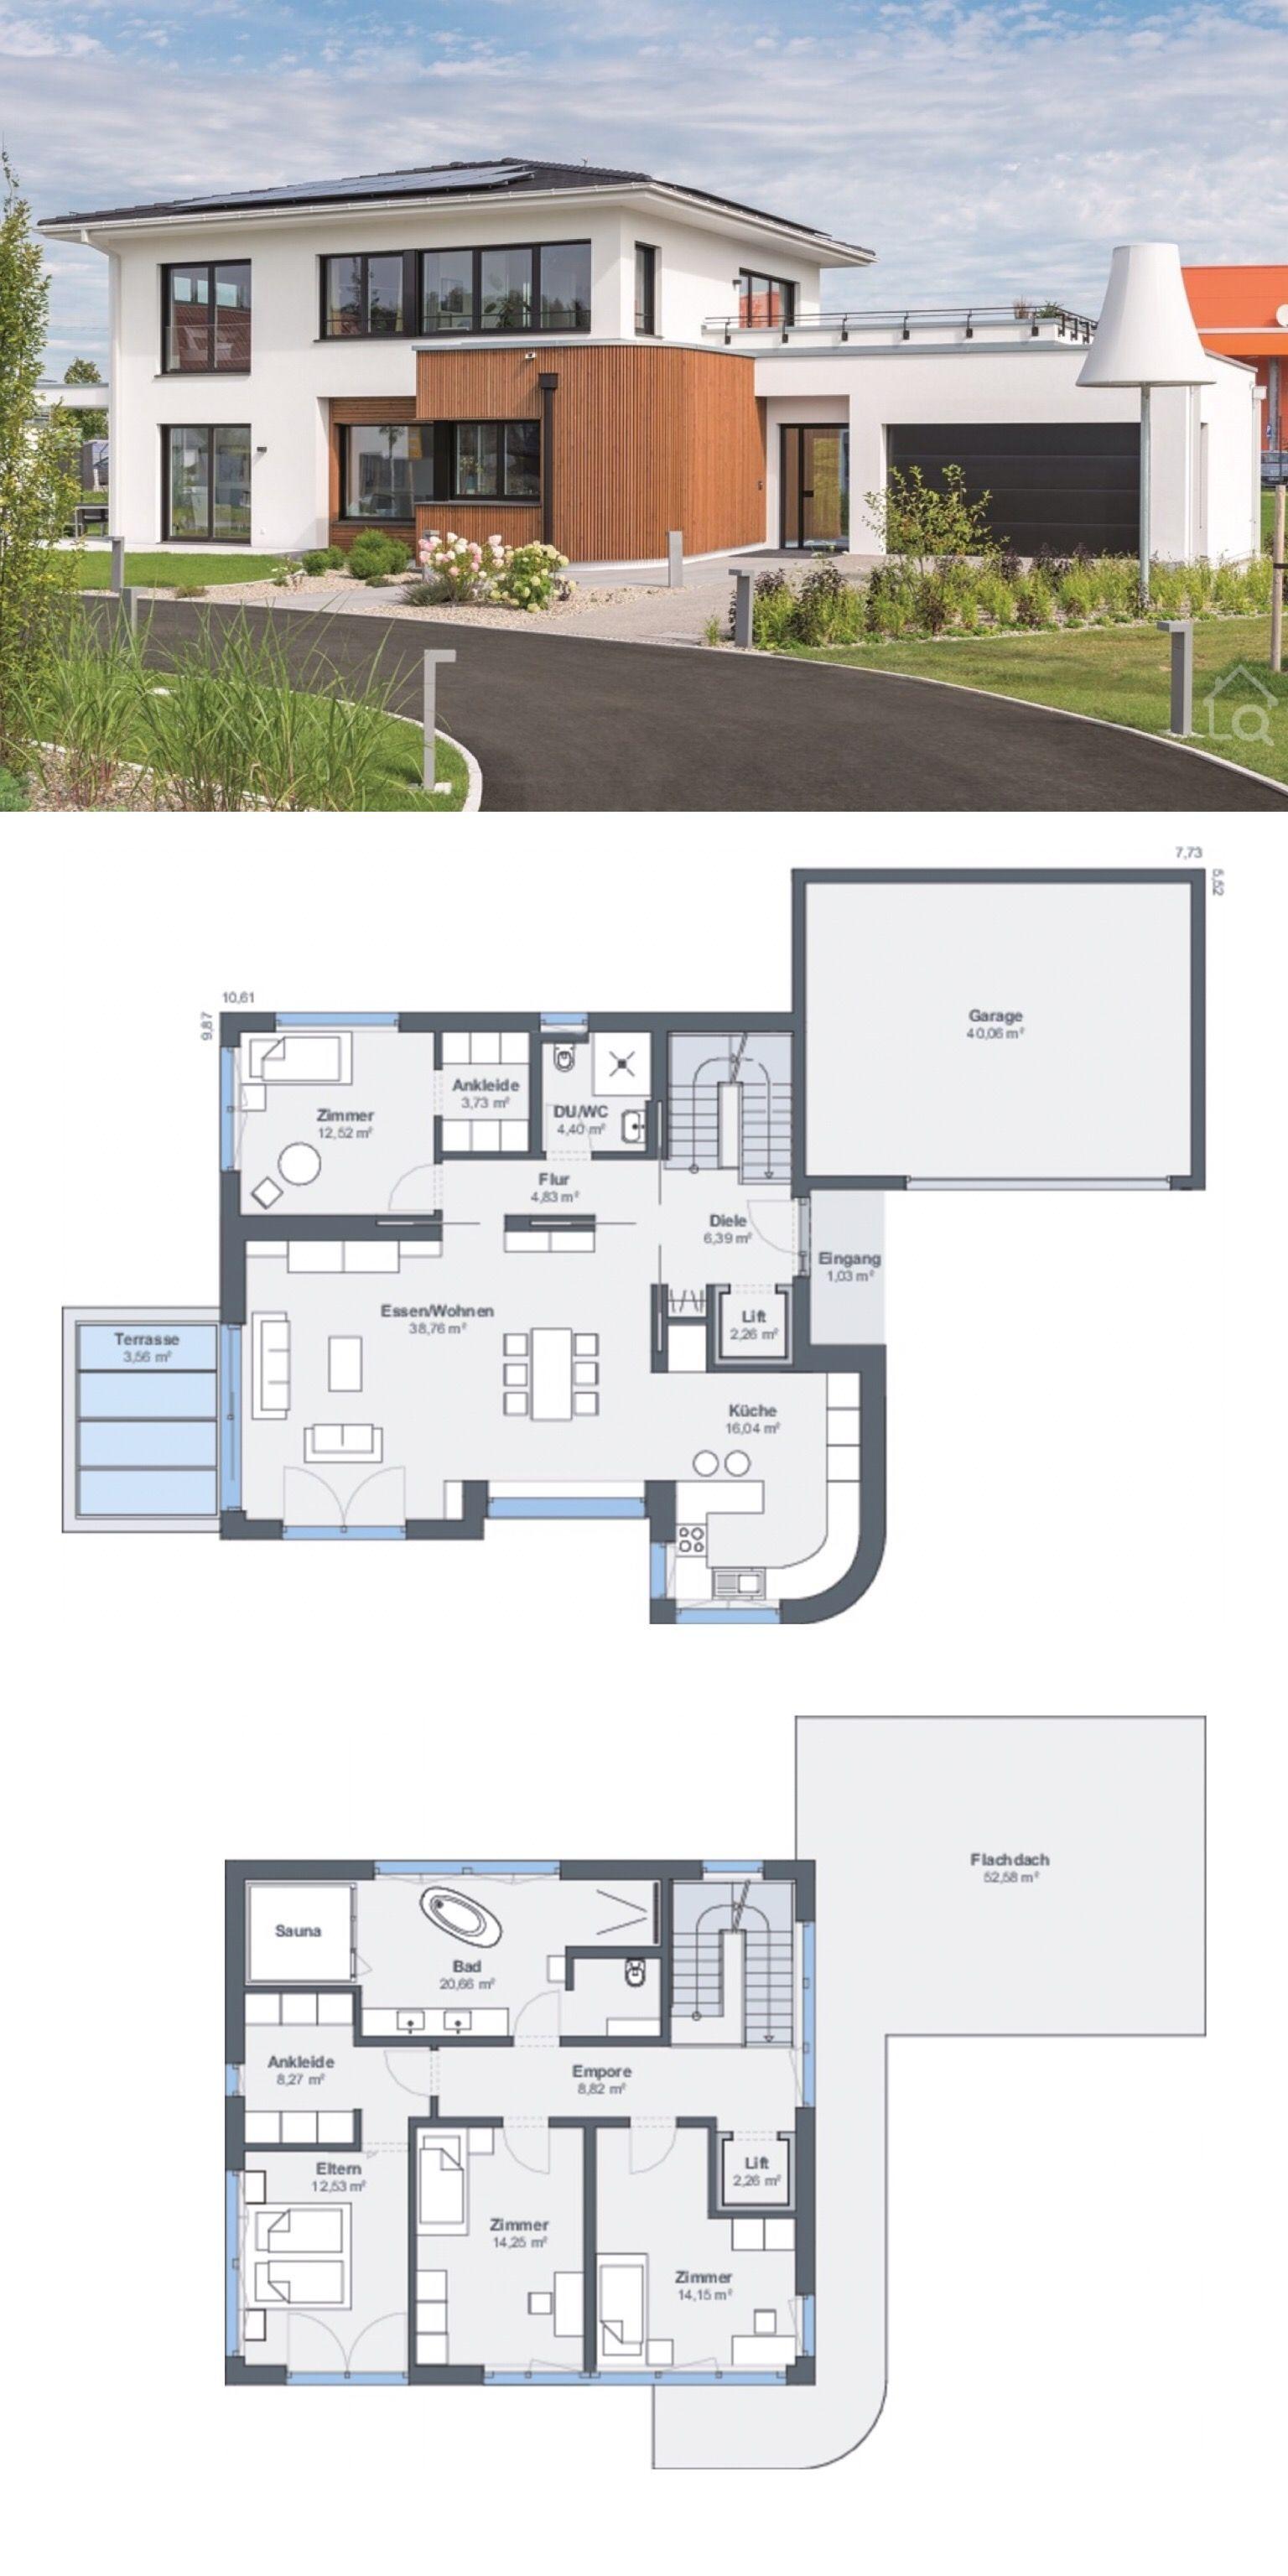 Stadtvilla Haus Design modern Grundriss mit Garage